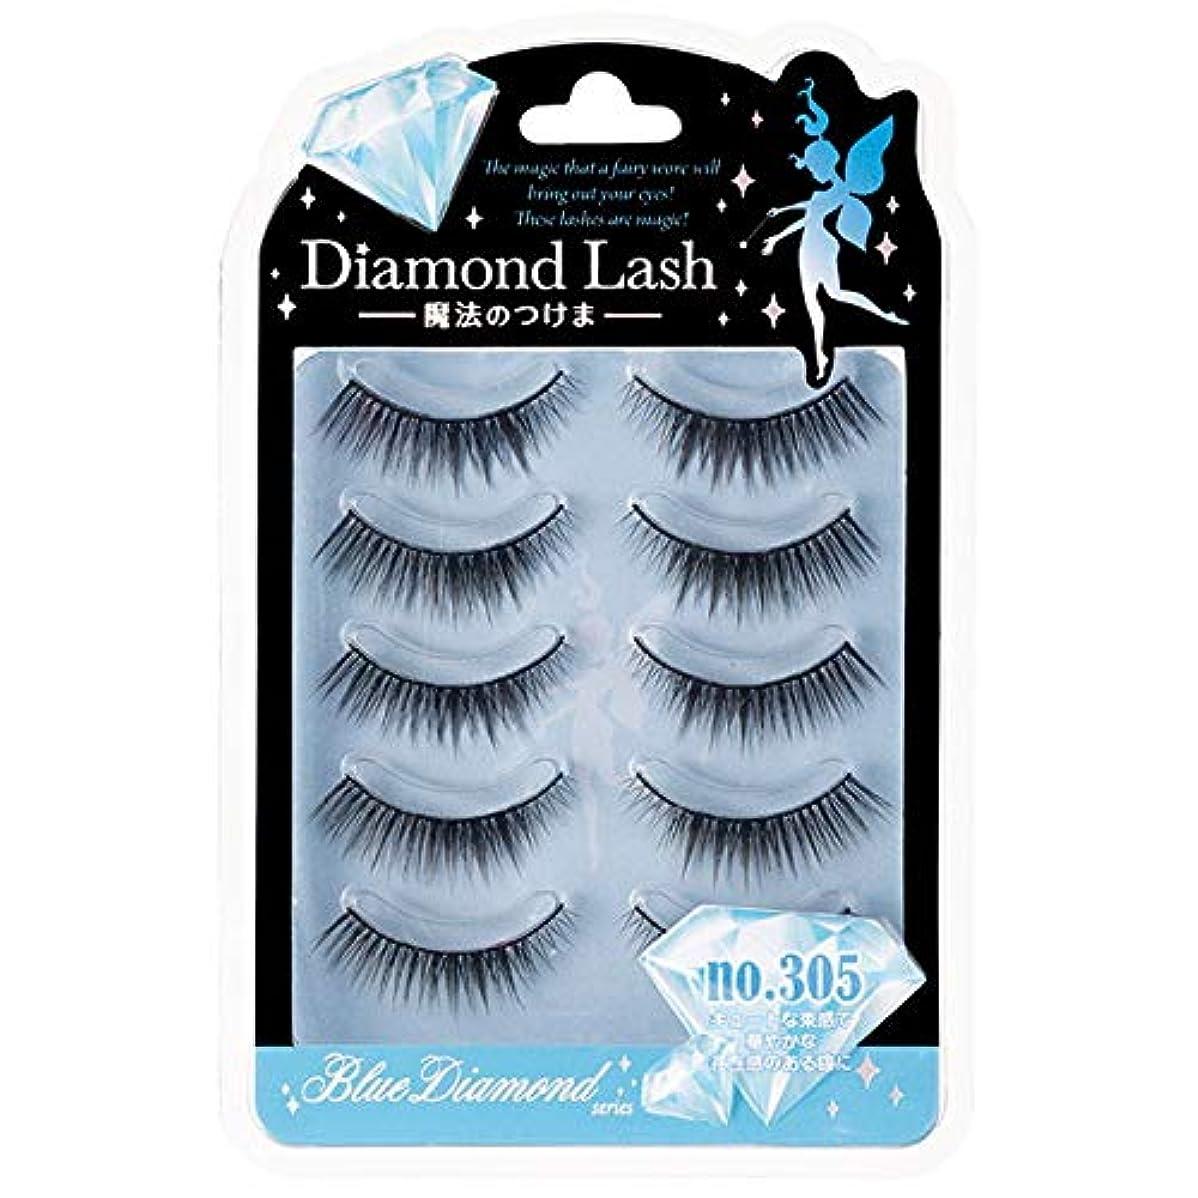 ベースタイトル水没Diamond Lash(ダイヤモンドラッシュ) ブルー no.305 5ペア